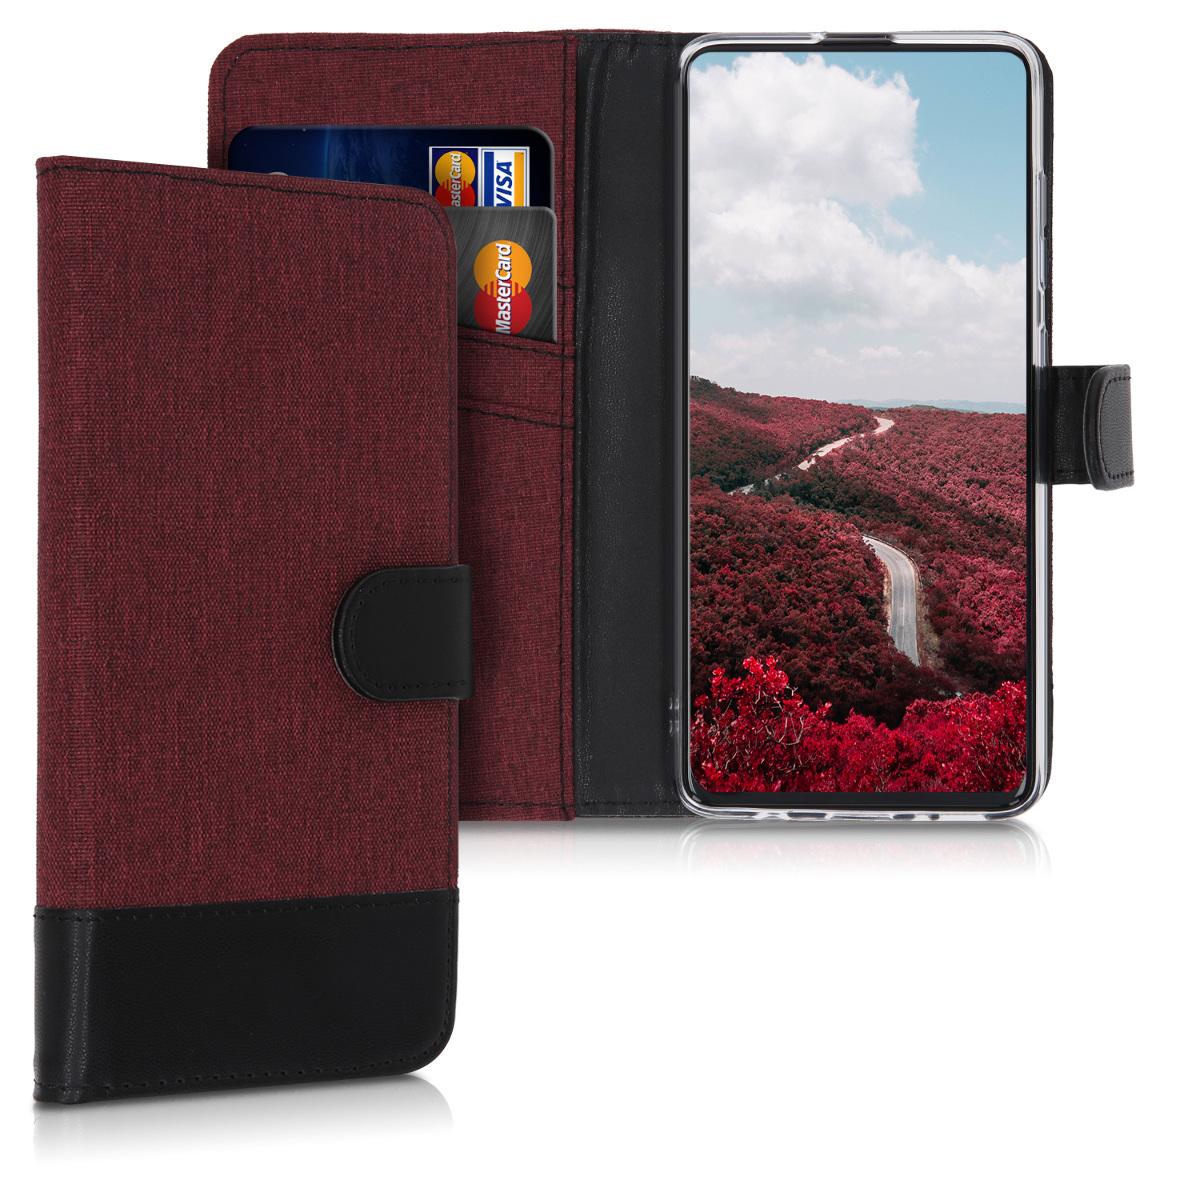 Fabricpouzdro pro Samsung A51 - Dark Red / Black